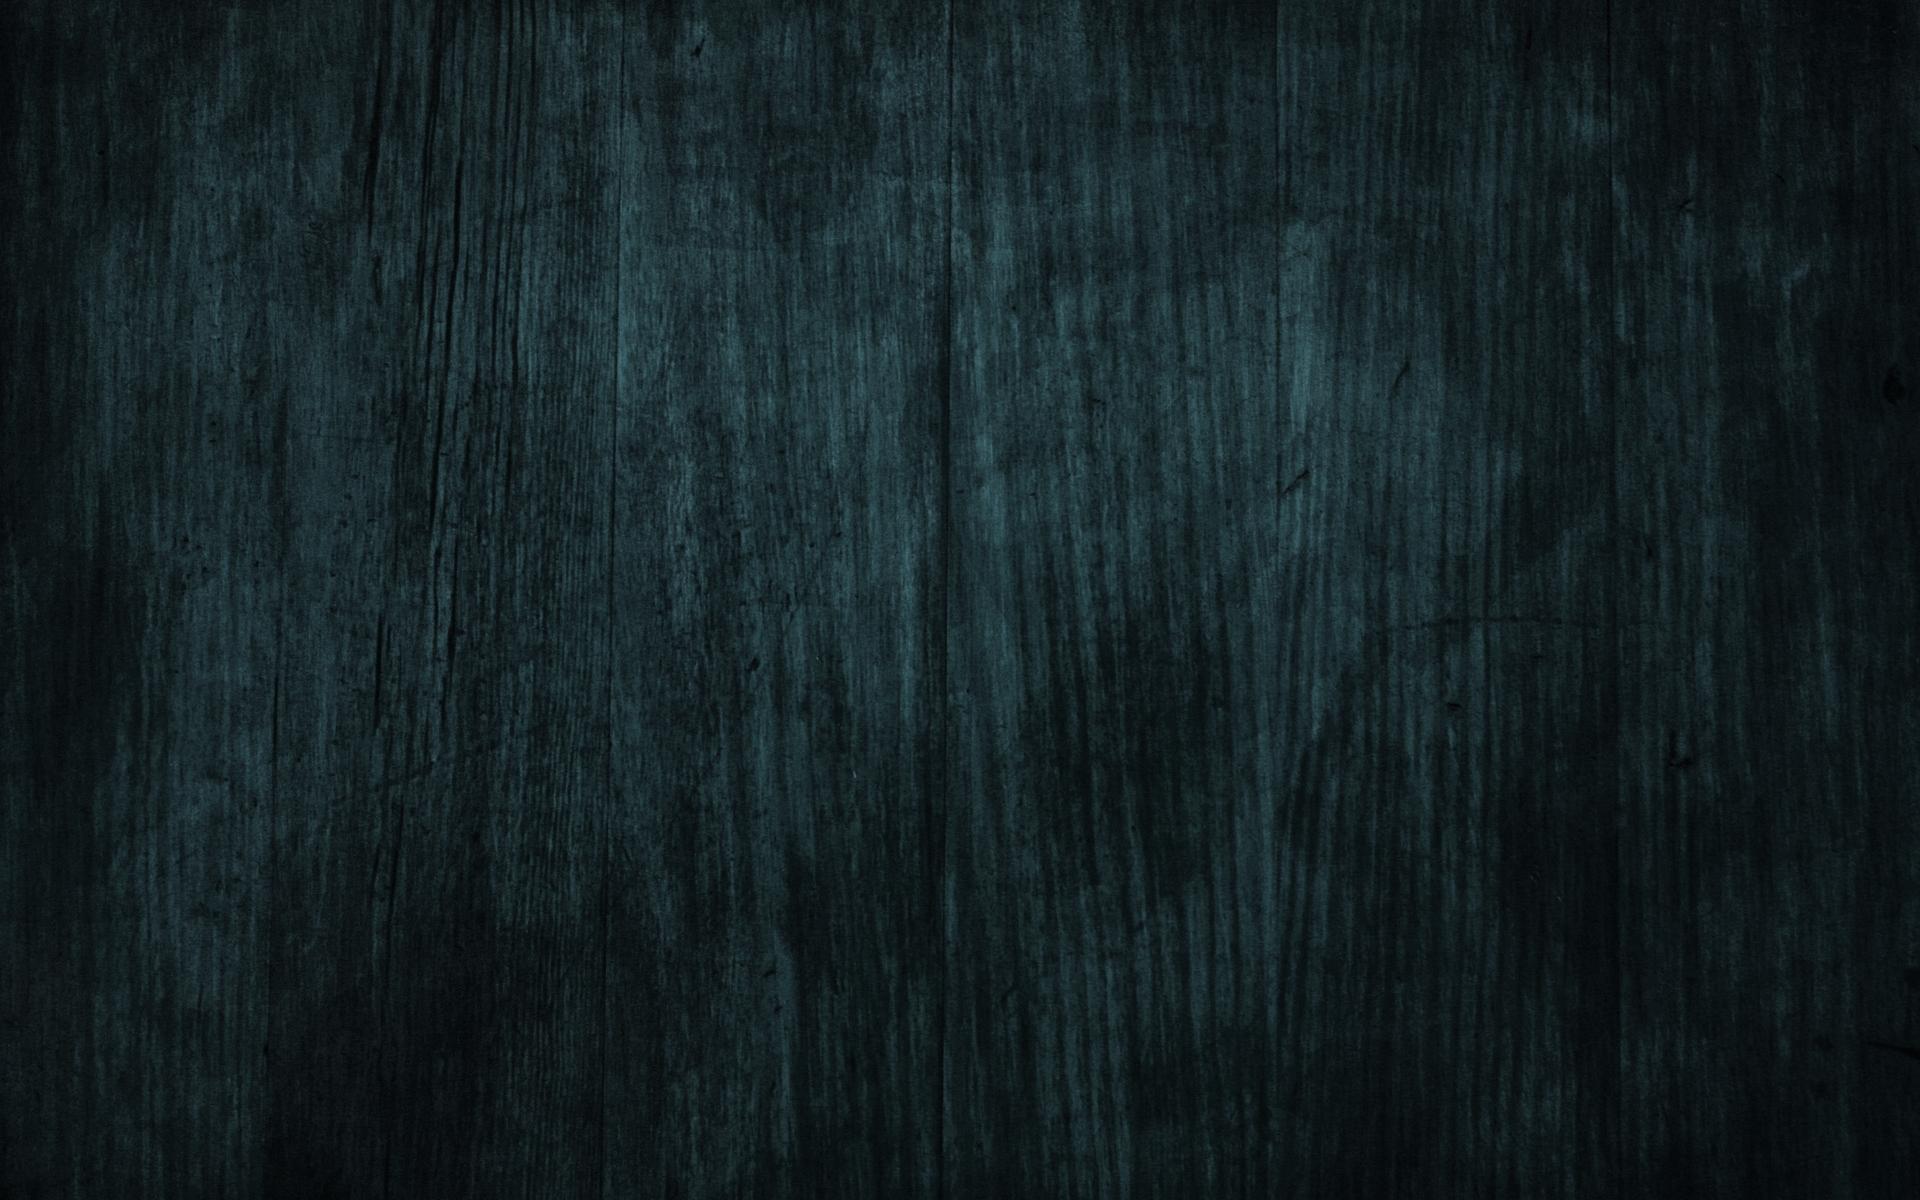 1920x1200 hd wallpaper dark wood - photo #7